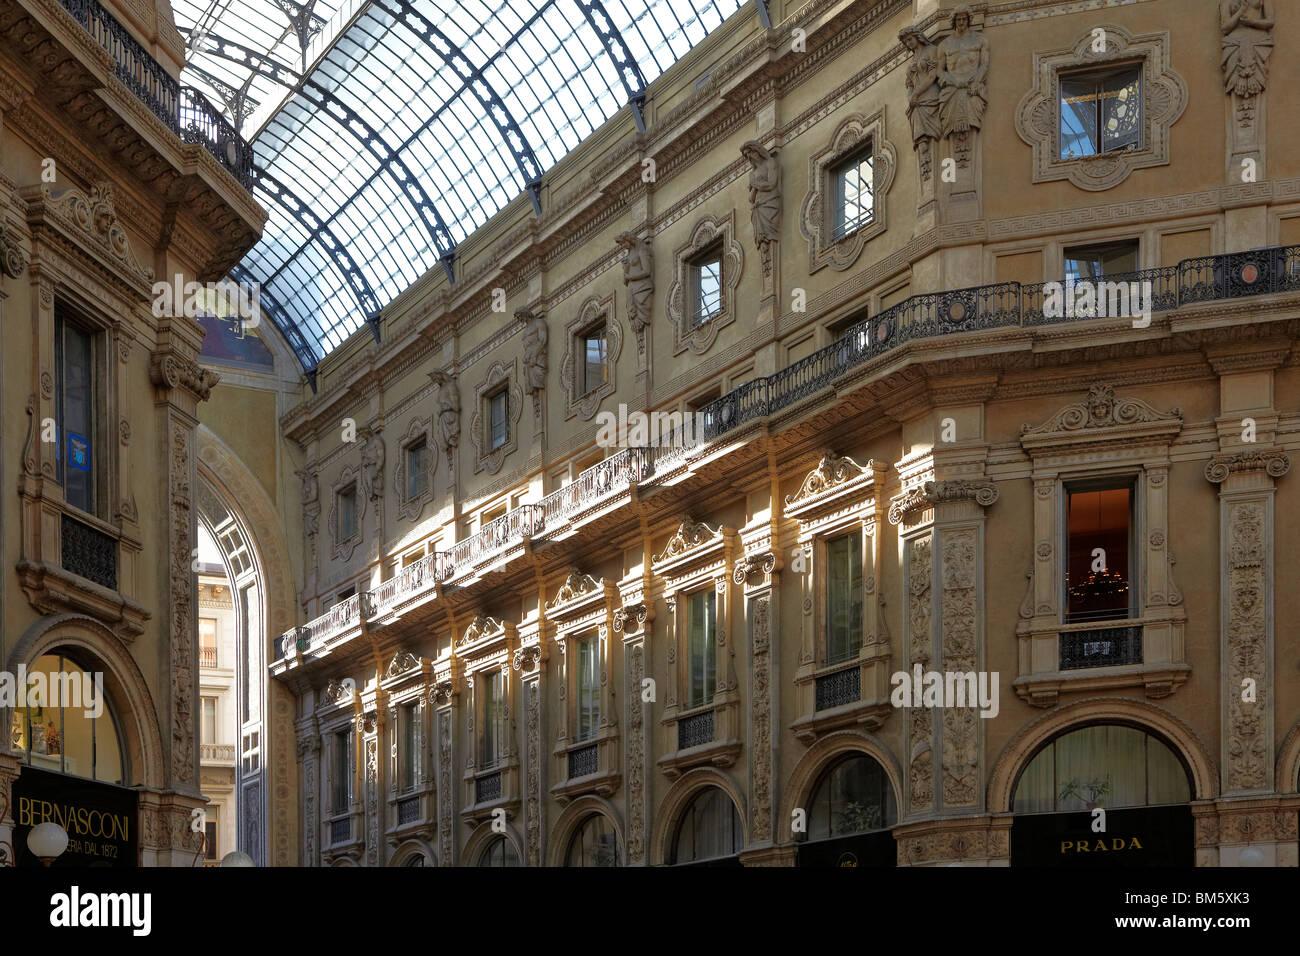 Shopping Mall Galleria Stock Photos & Shopping Mall ...